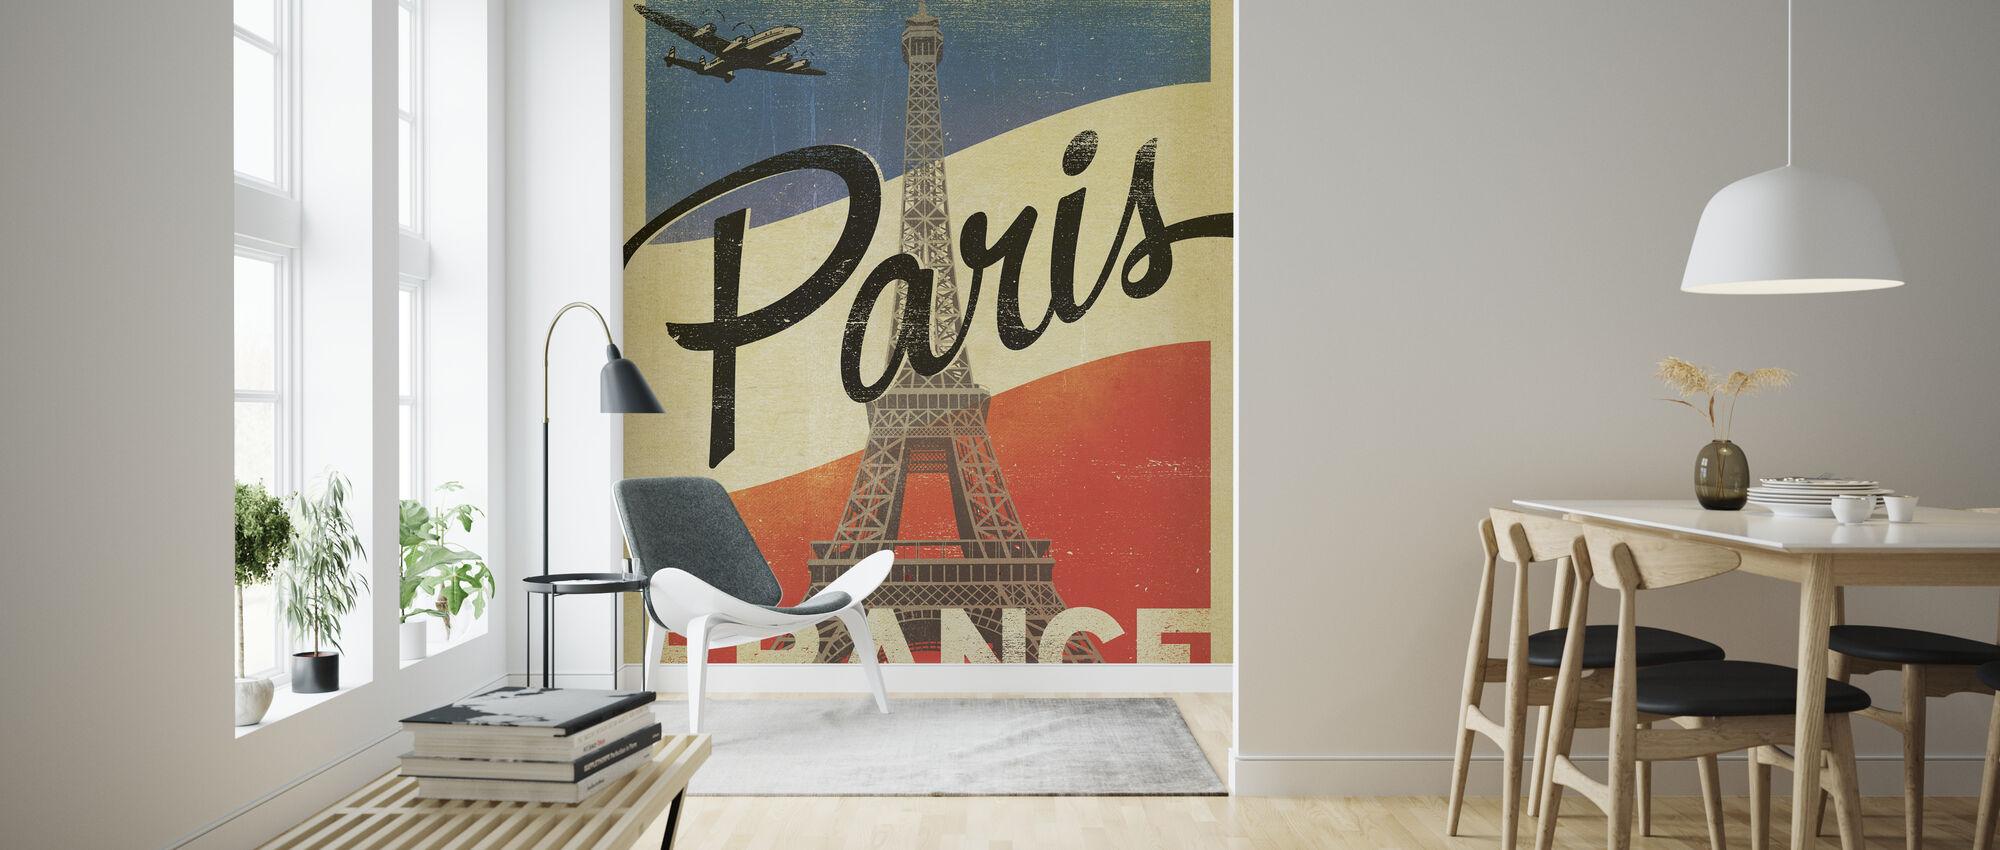 Paris - Wallpaper - Living Room